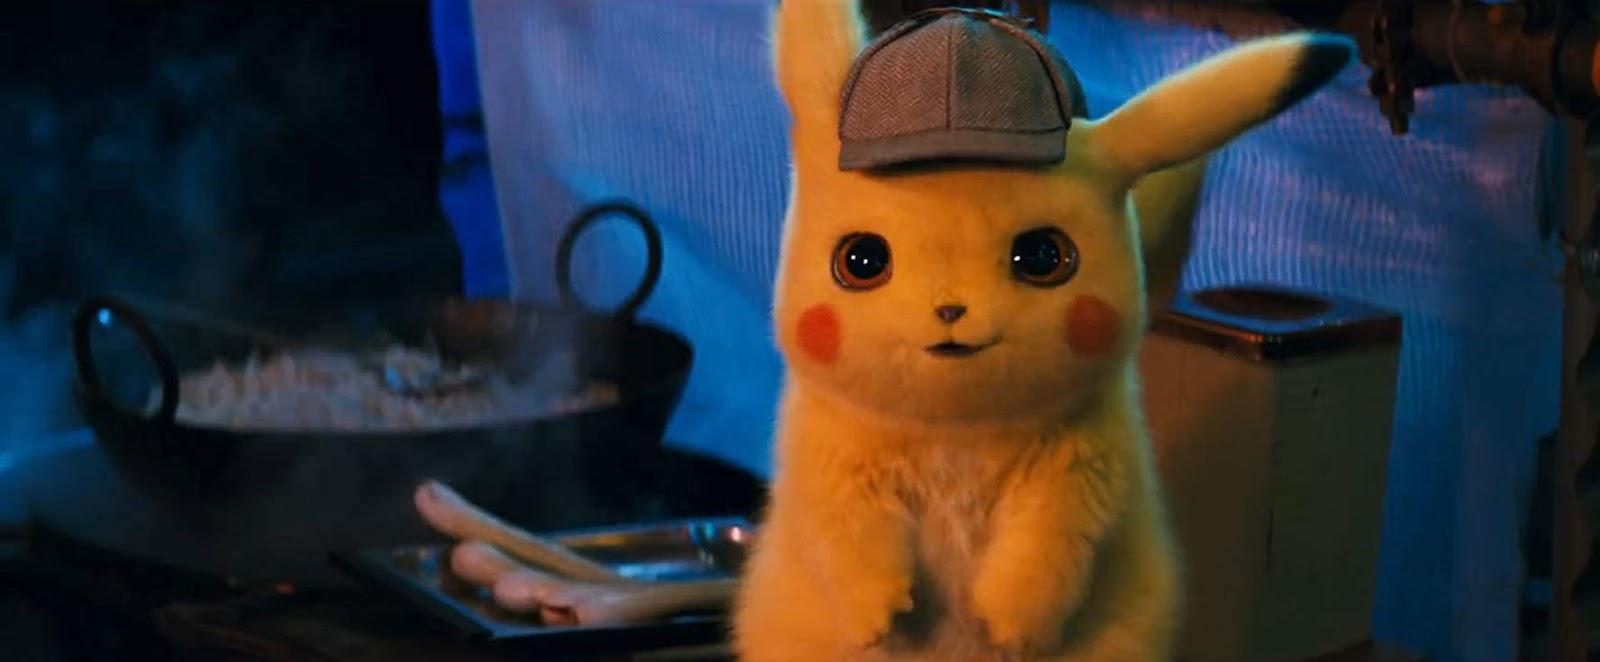 detektyw pikachu, premiery kinowe 2019